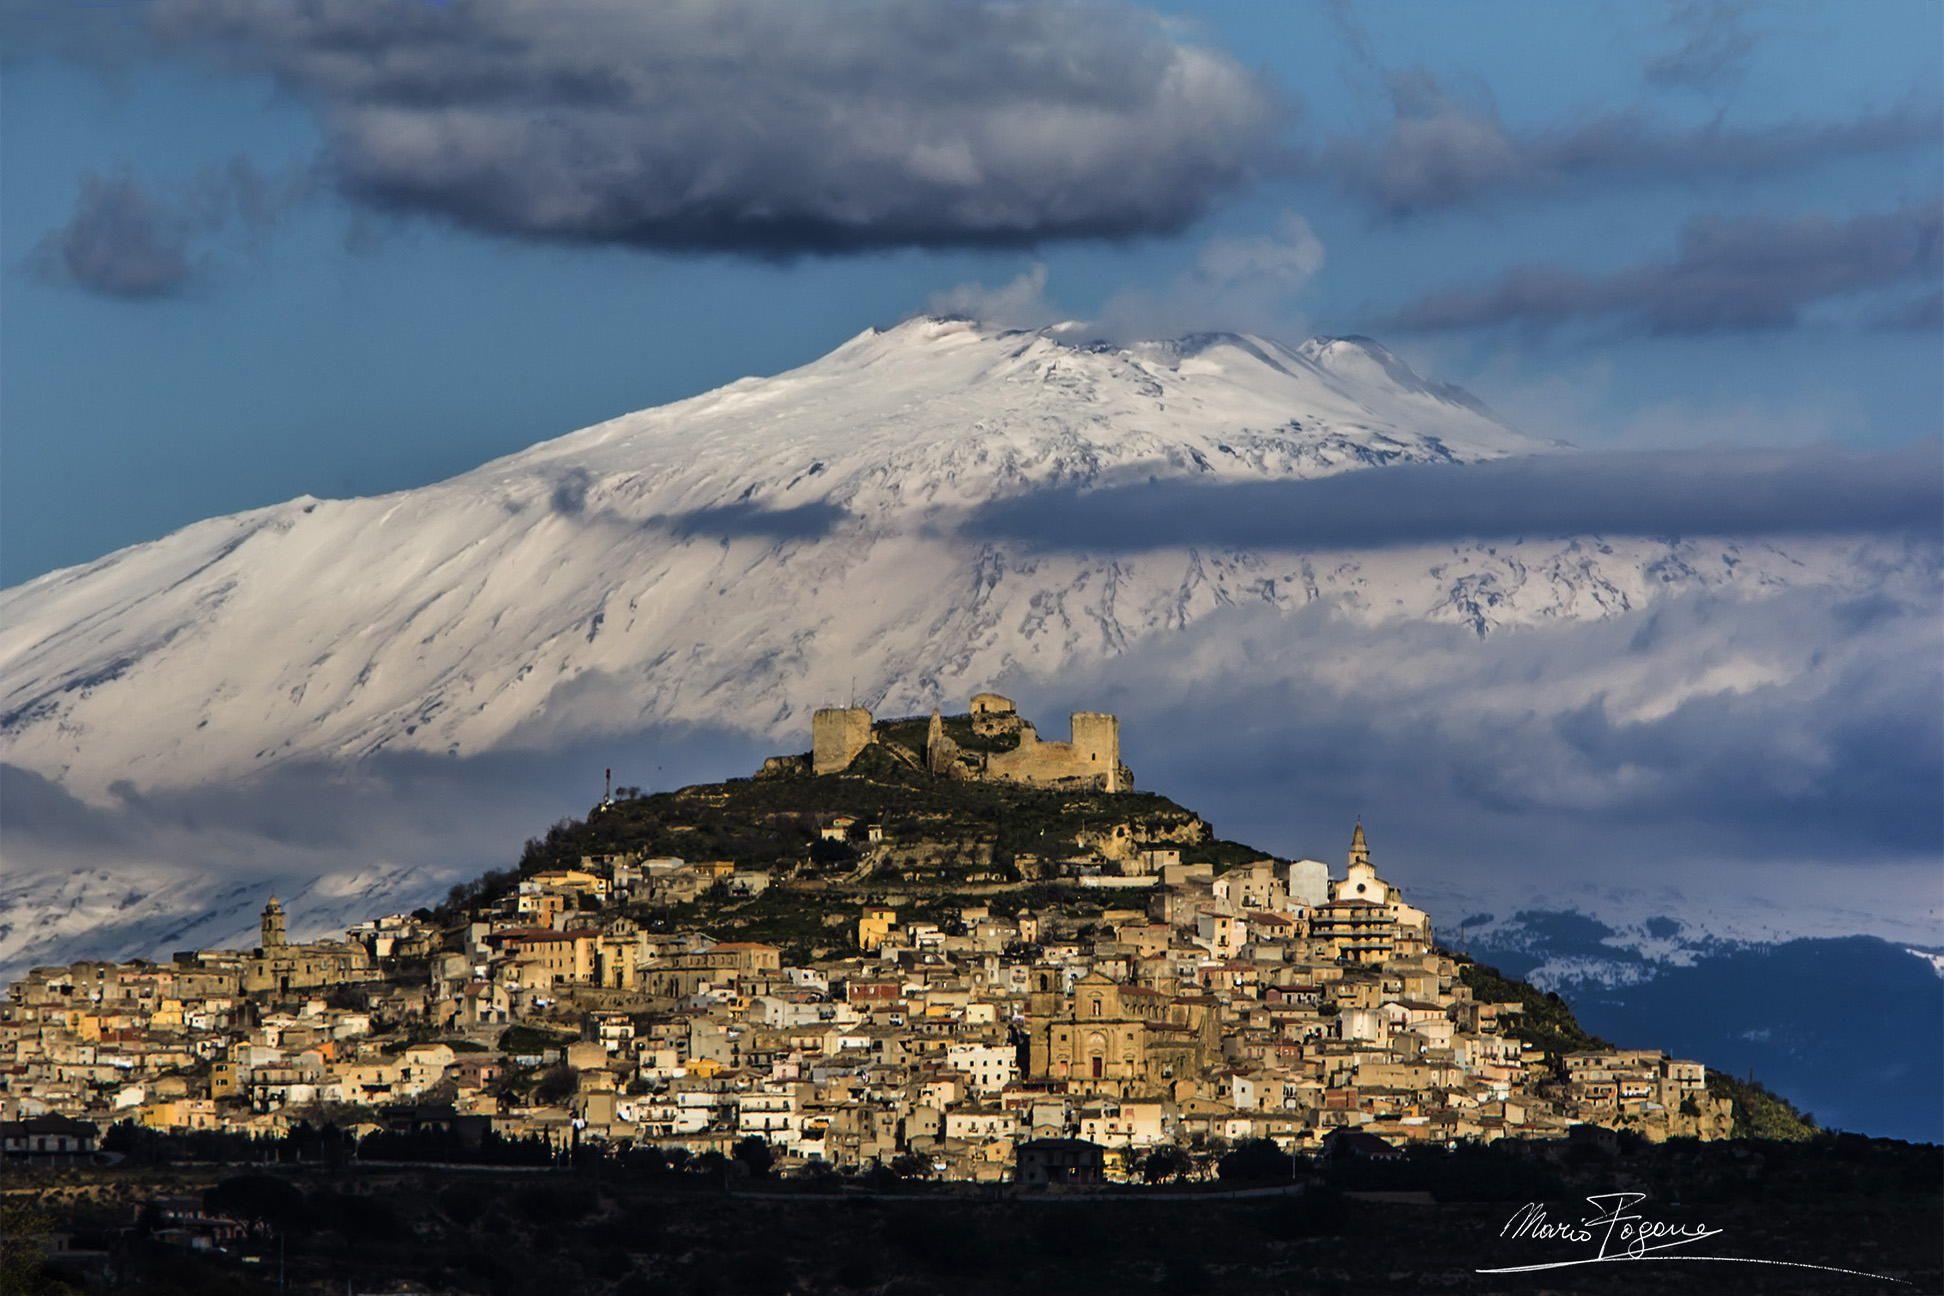 Spettacolare foto di agira e dell 39 etna catania sicilia for Mondo catania